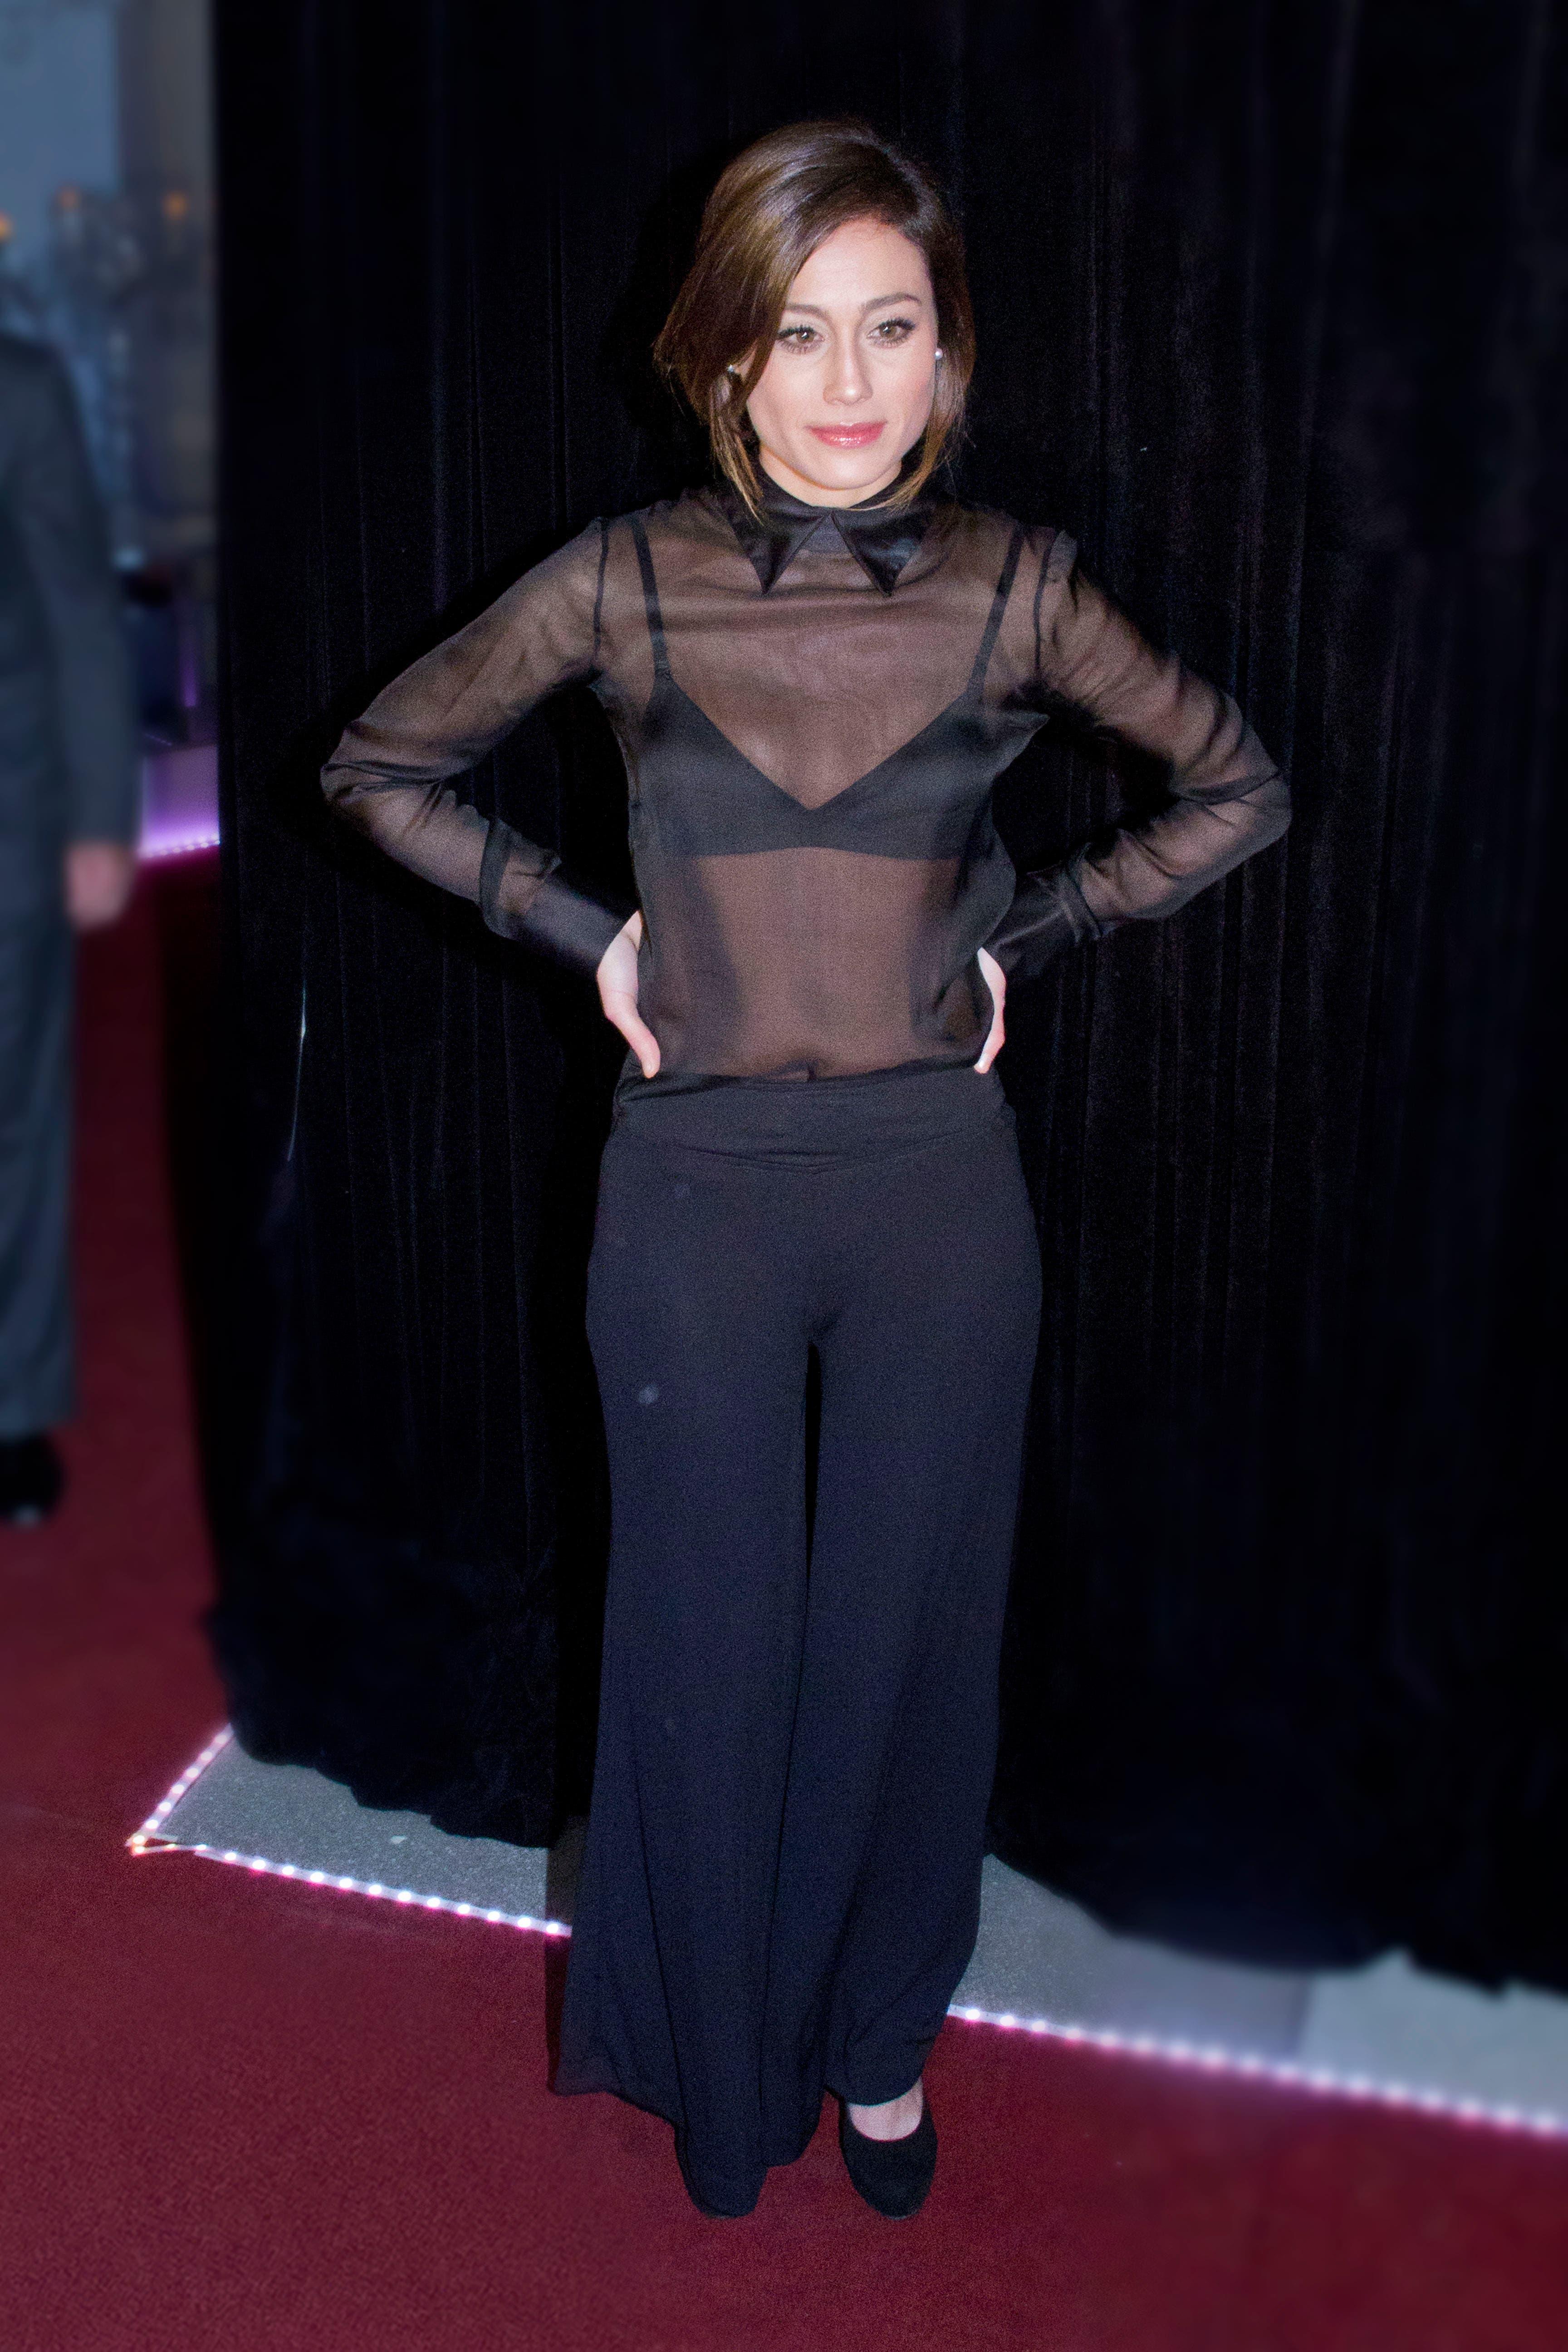 Mercedes Oviedo, en la alfombra roja. Foto: /hola.com.ar